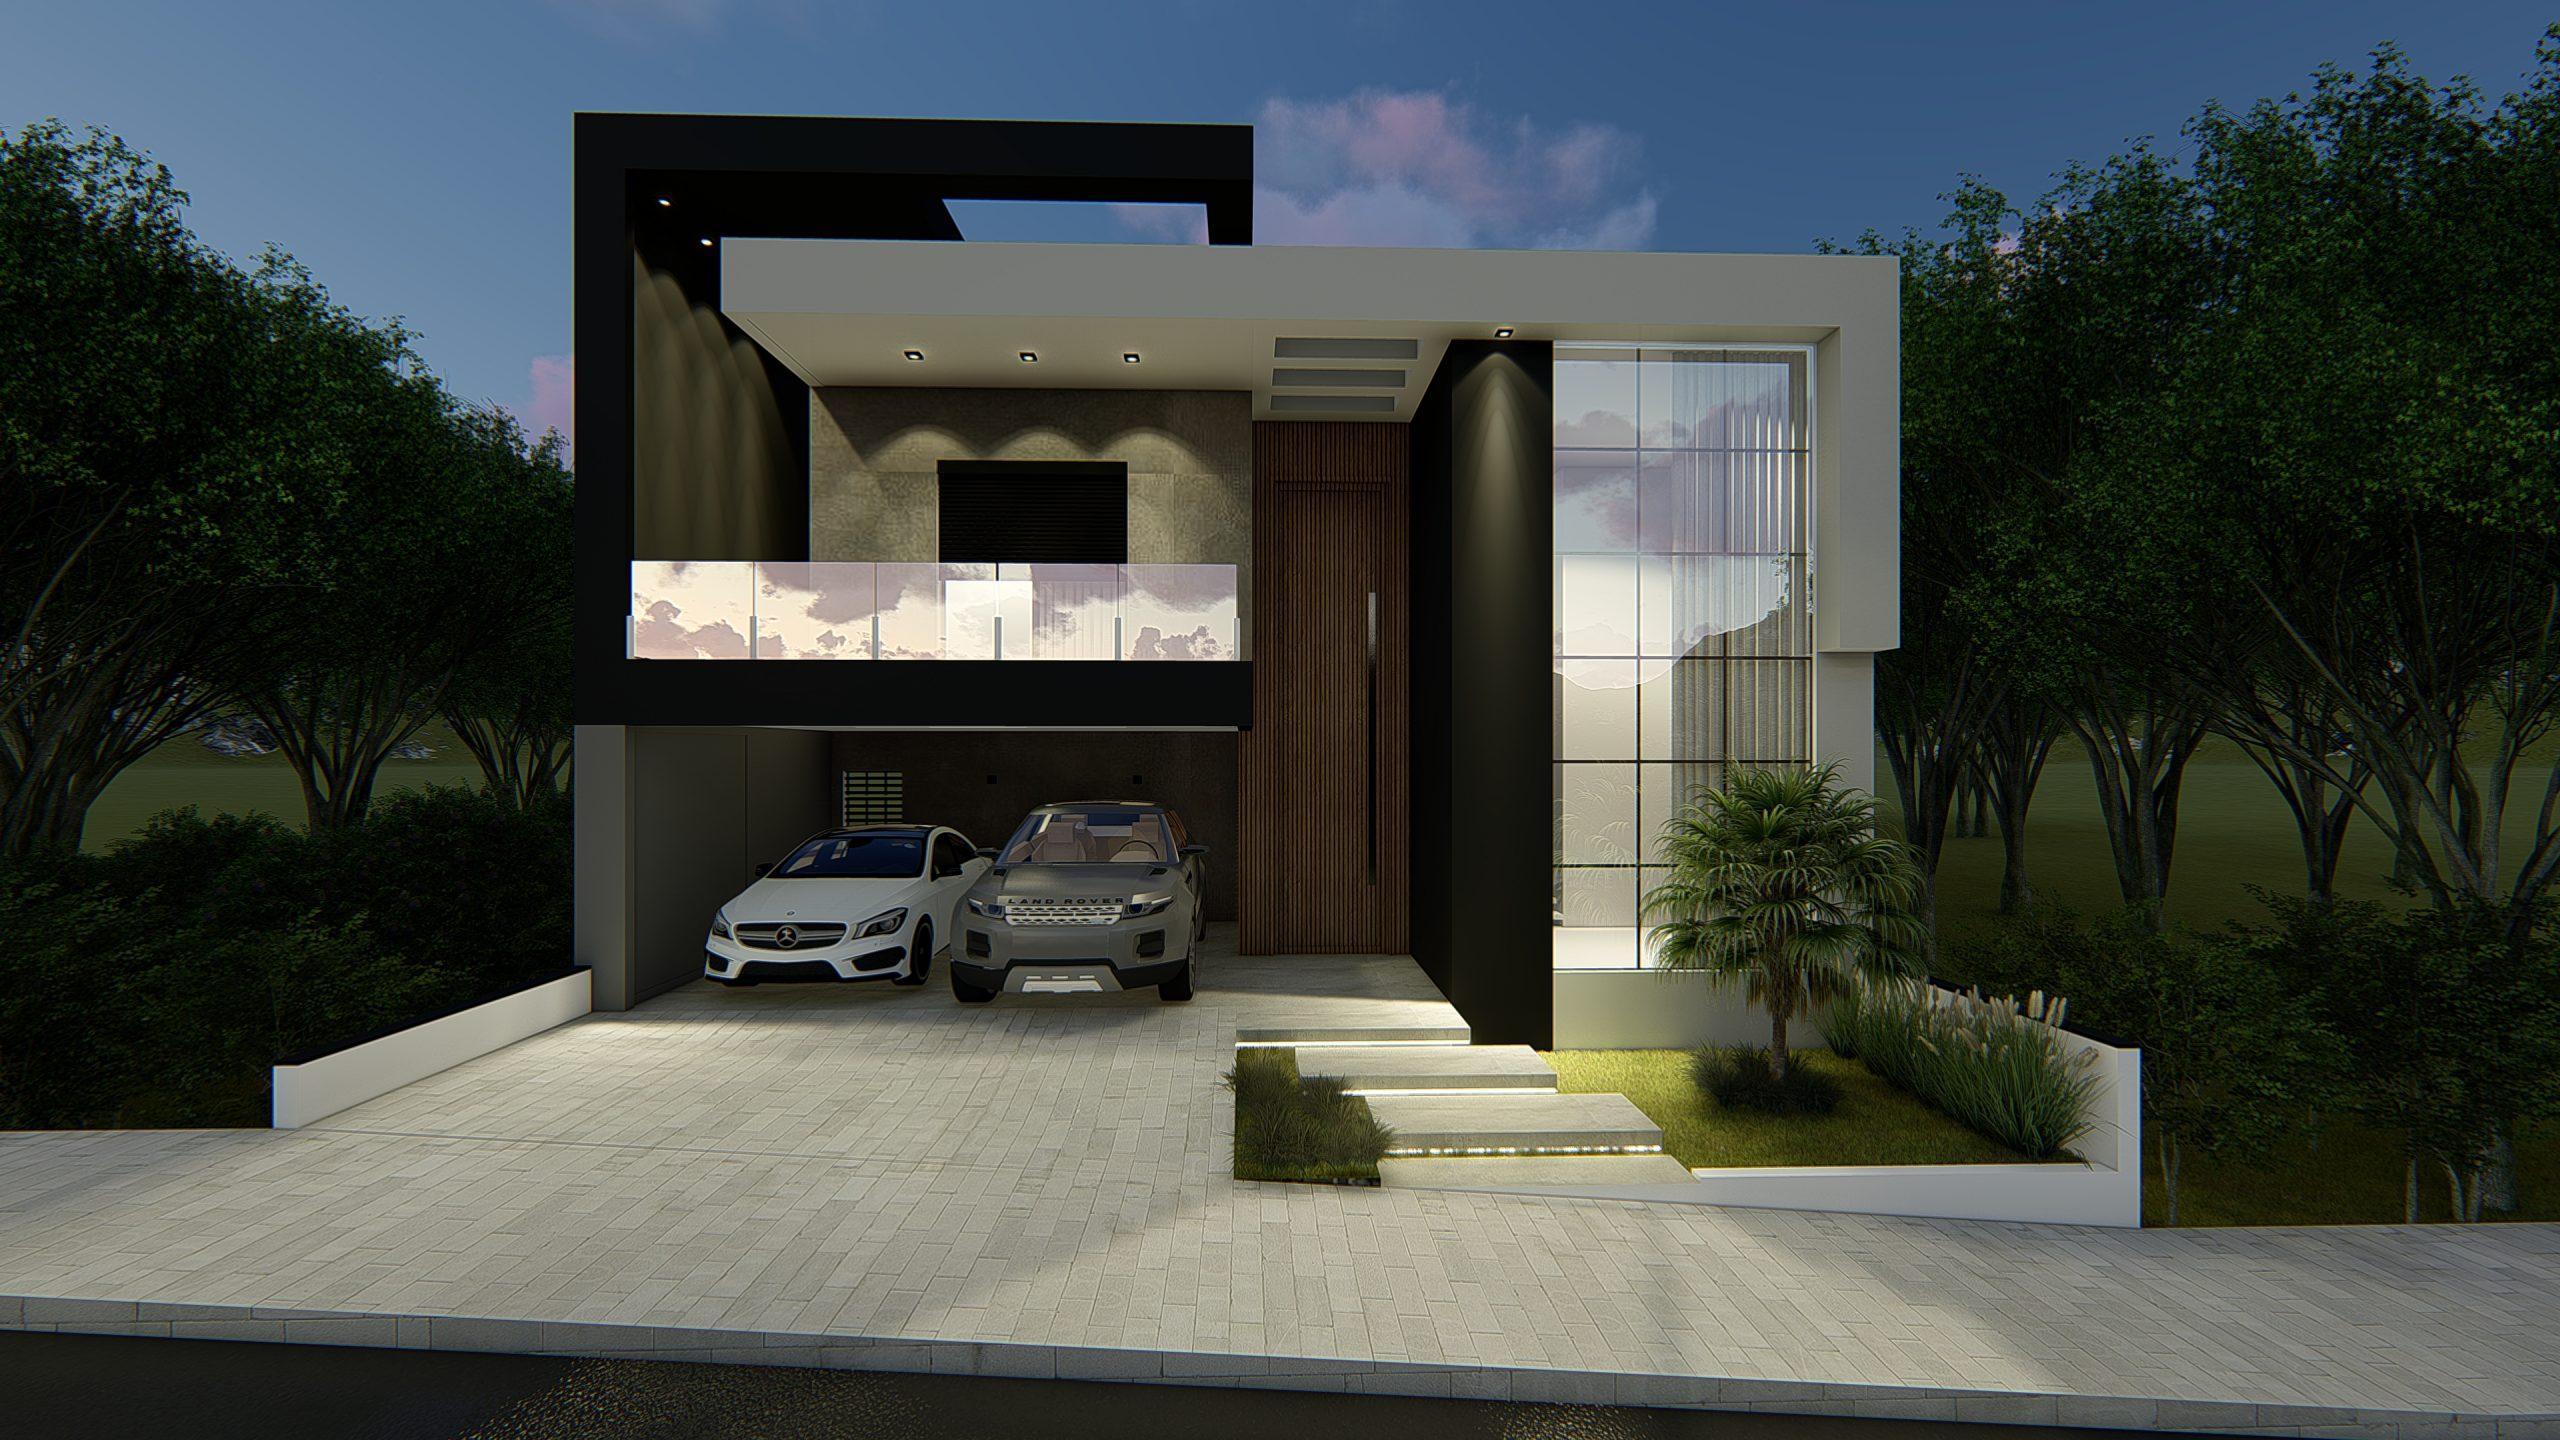 Fachadas de casa contemporânea | Clique para ver Projeto EA-107.